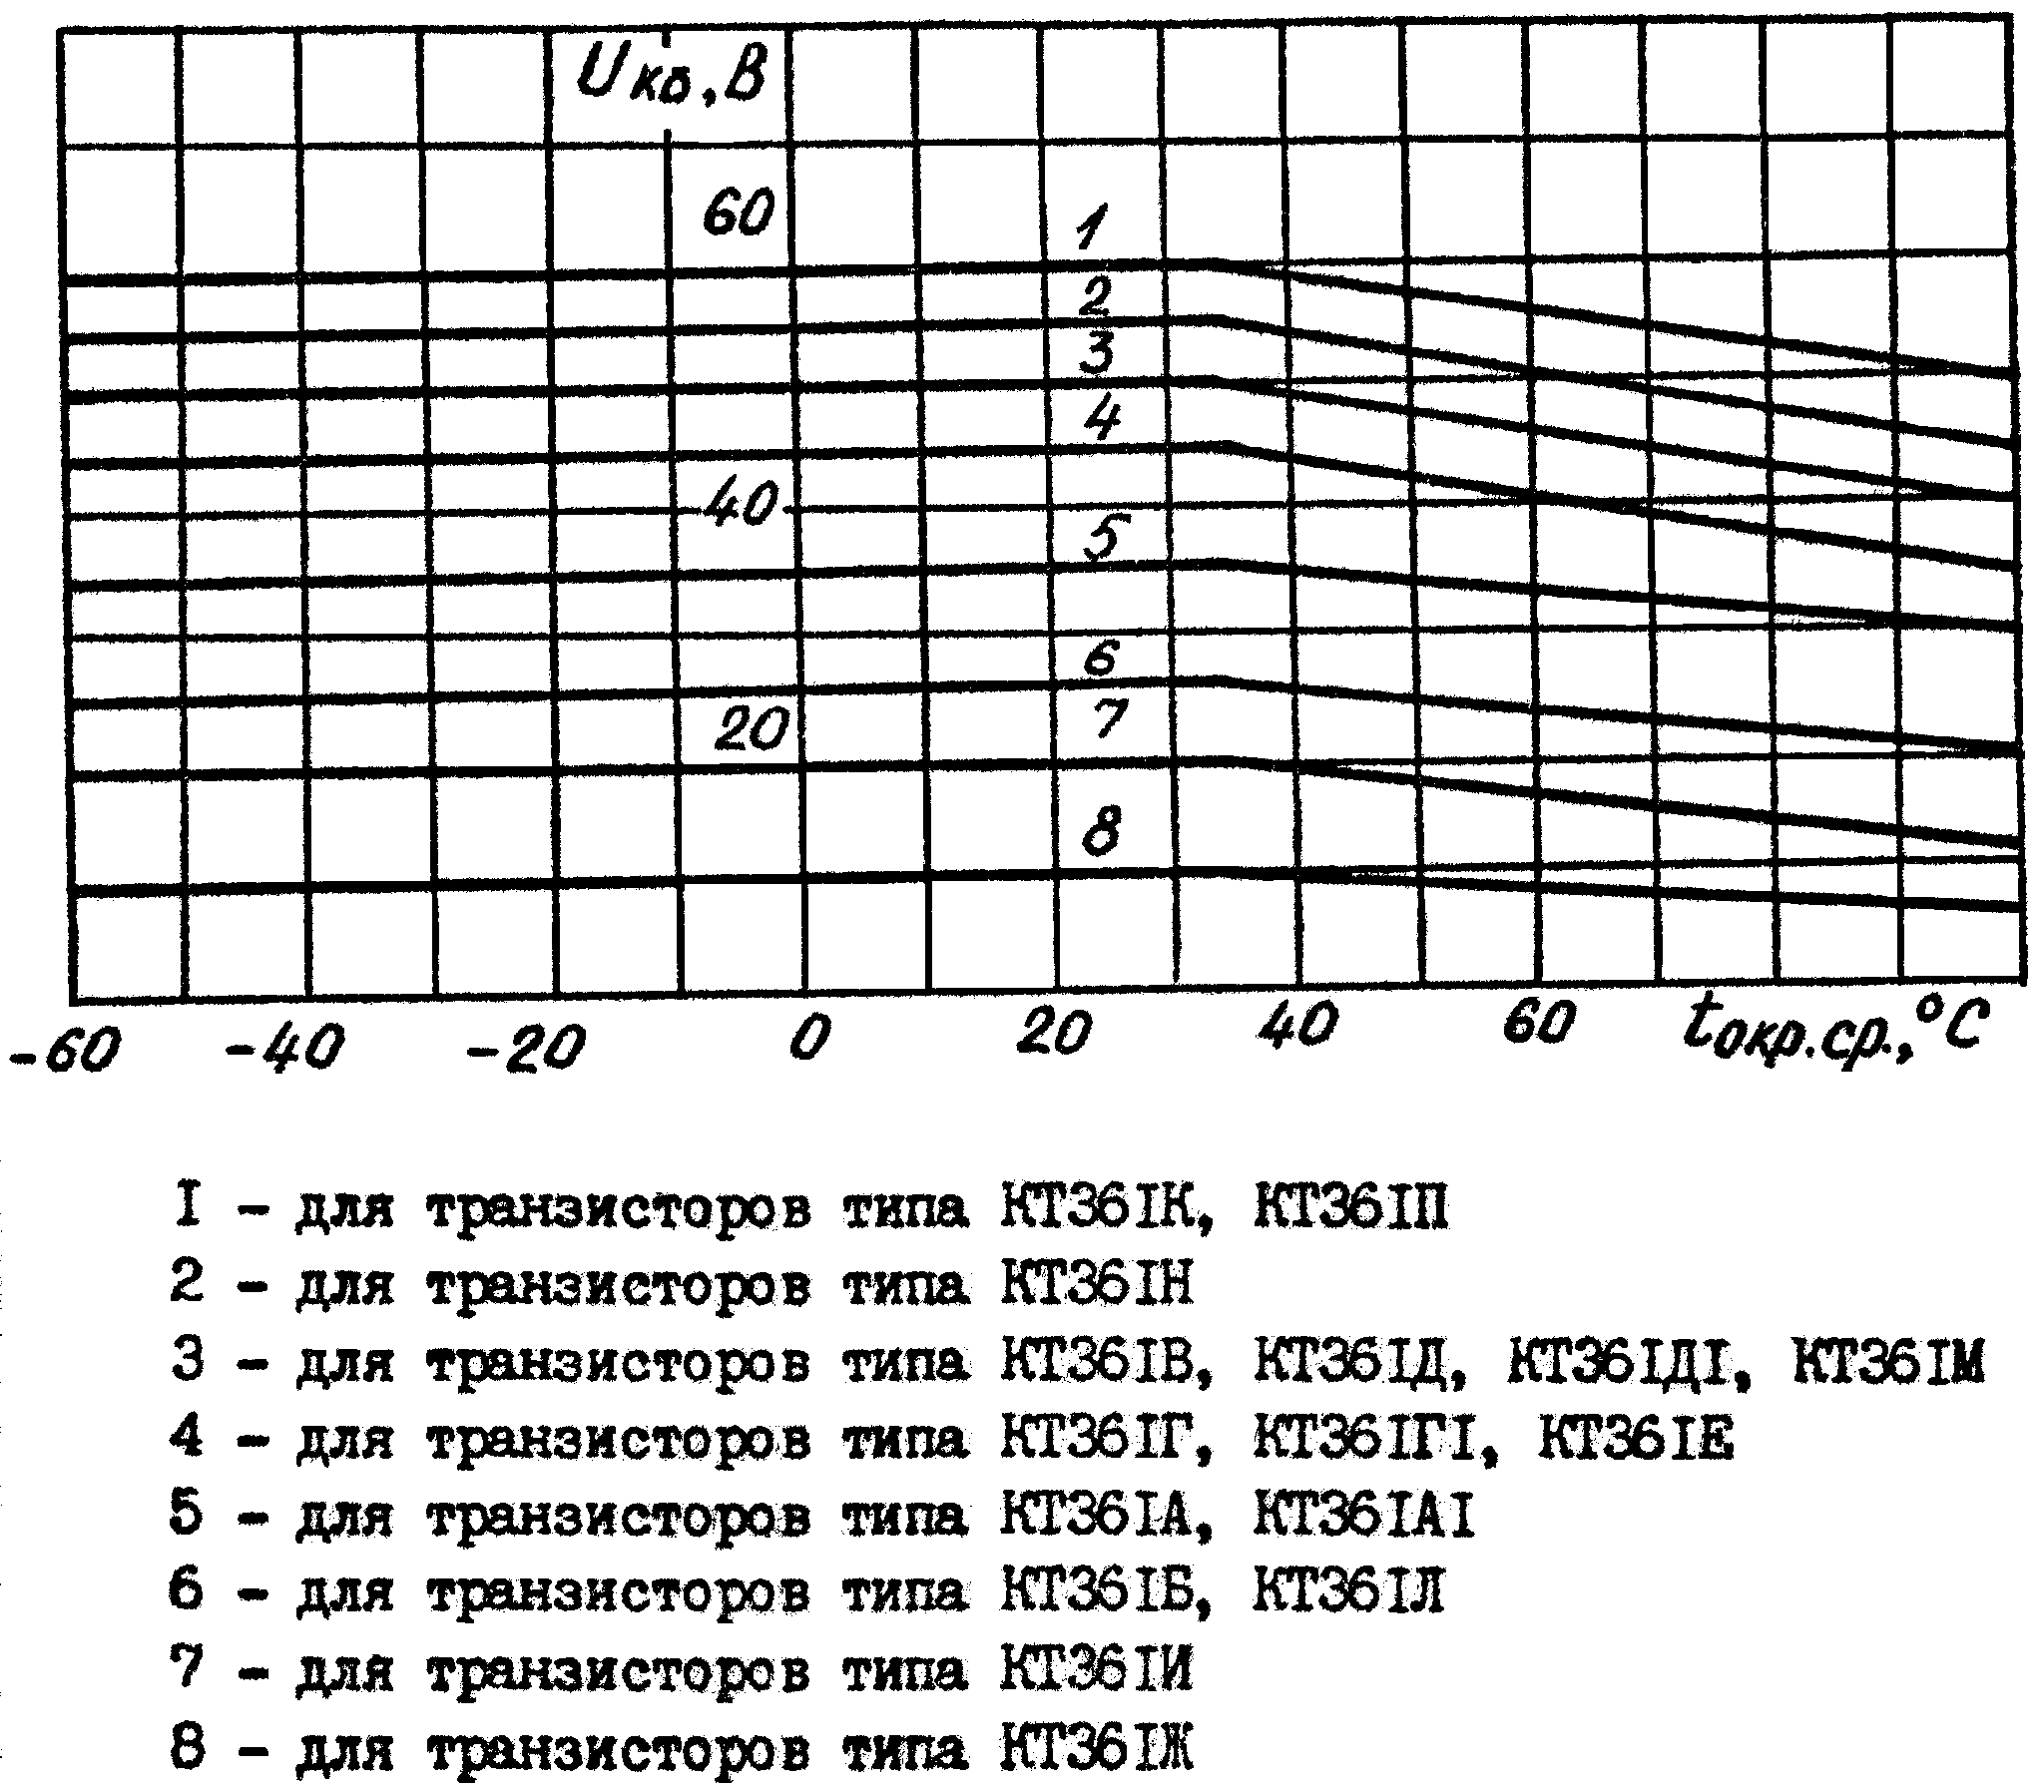 Зависимость максимально допустимого напряжения между коллектором и базой транзистора КТ361 от температуры окружающей среды